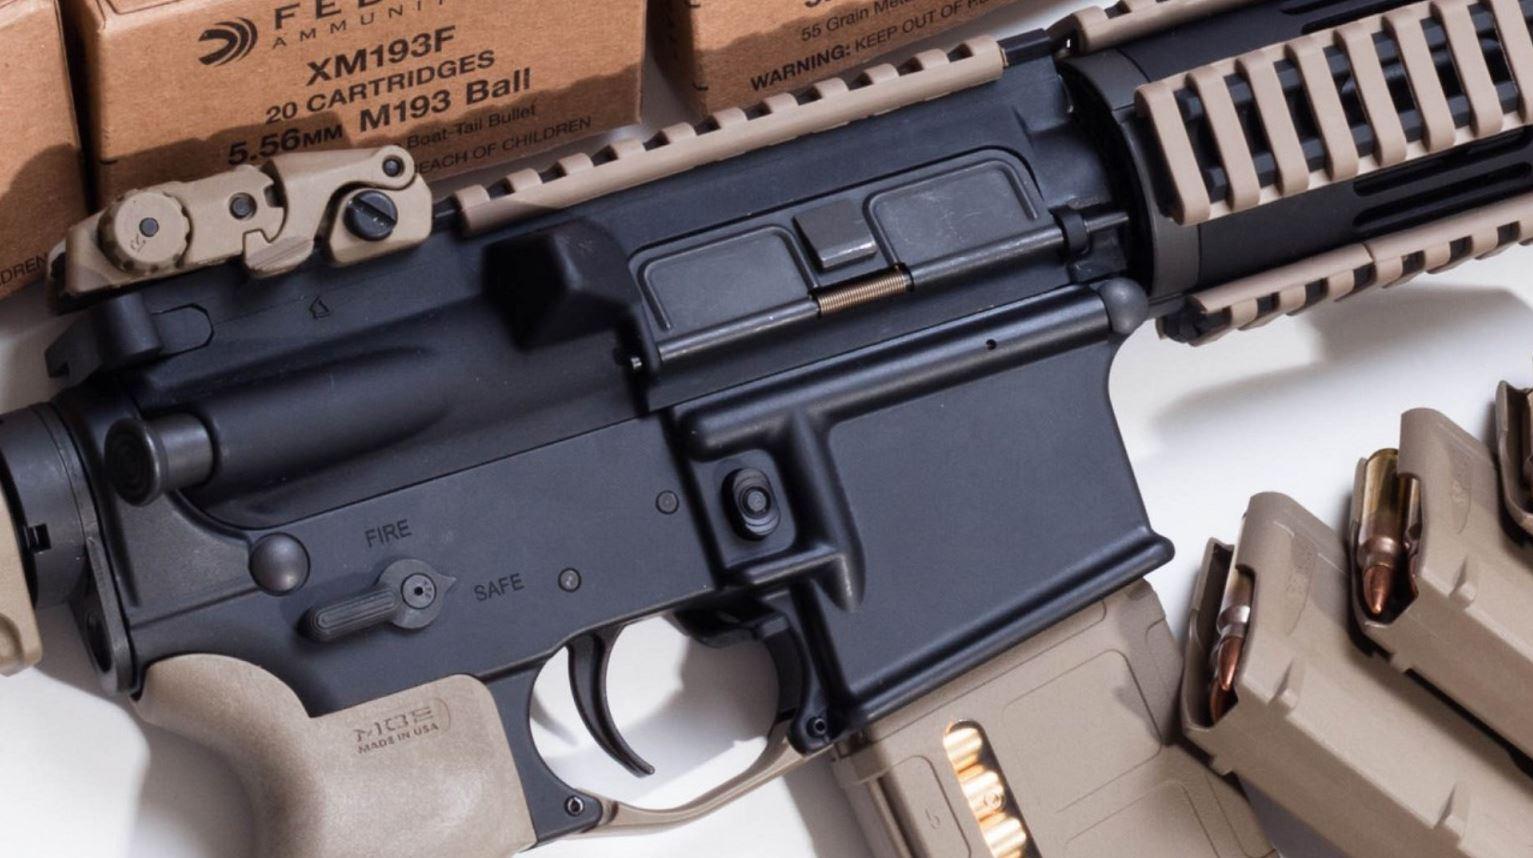 AR-15 AR15 ASSAULT RIFLE GUN_503850